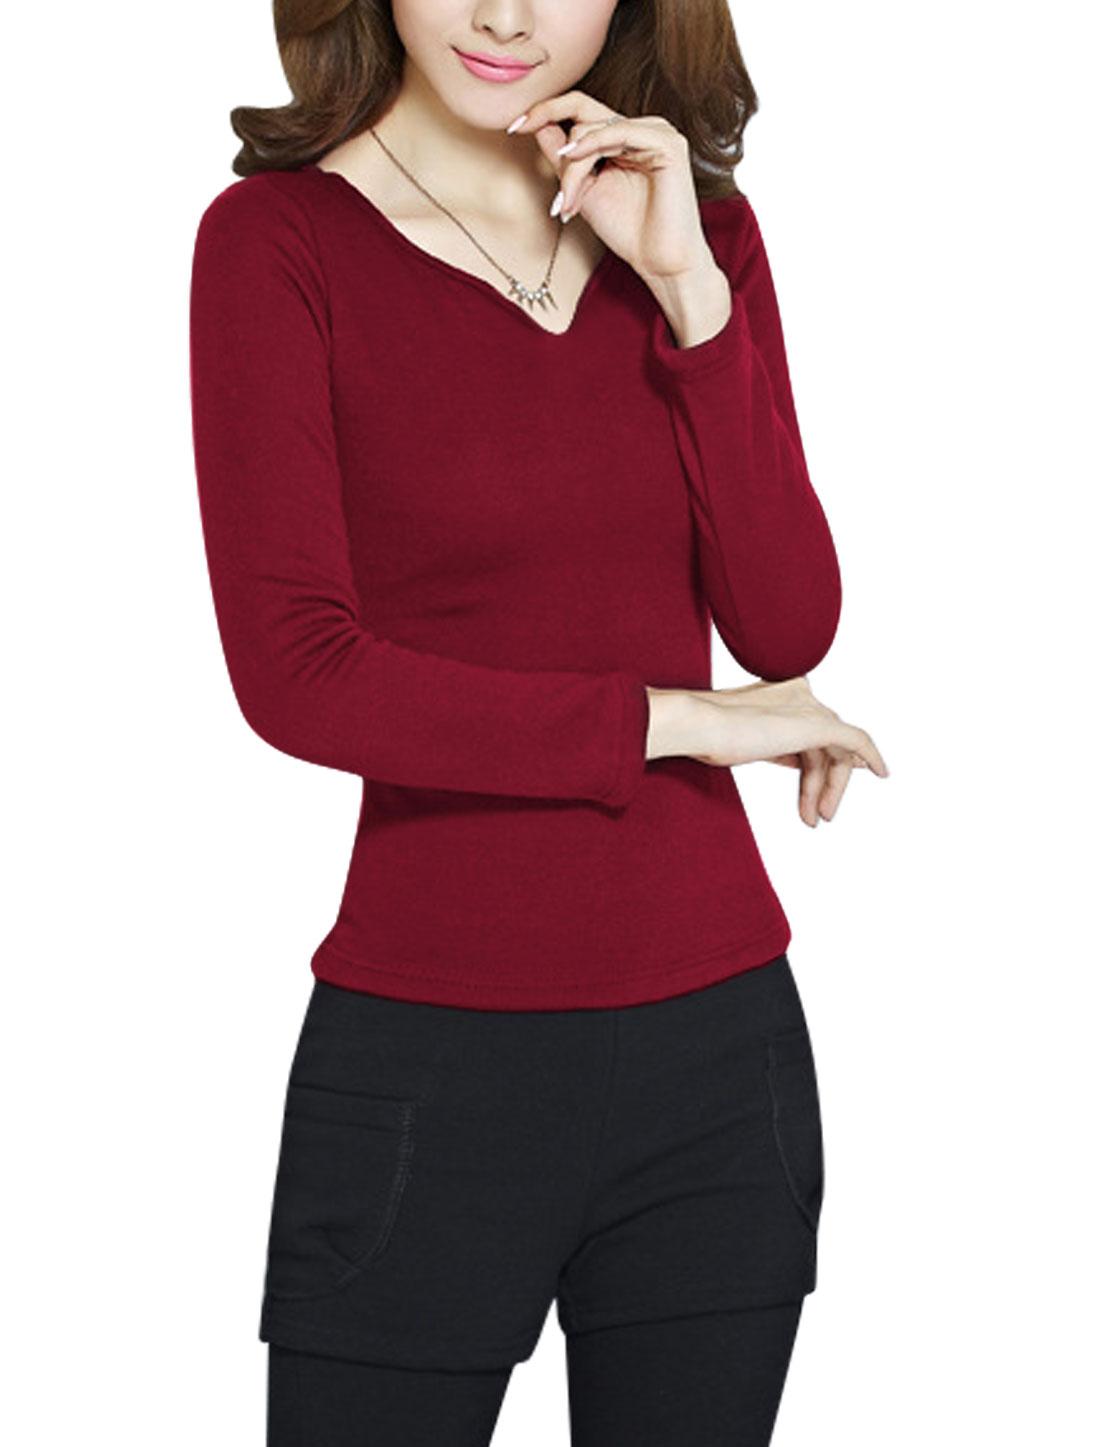 Ladies Burgundy Slipover Long Sleeves Plush Lined Slim Fit Leisure Top L